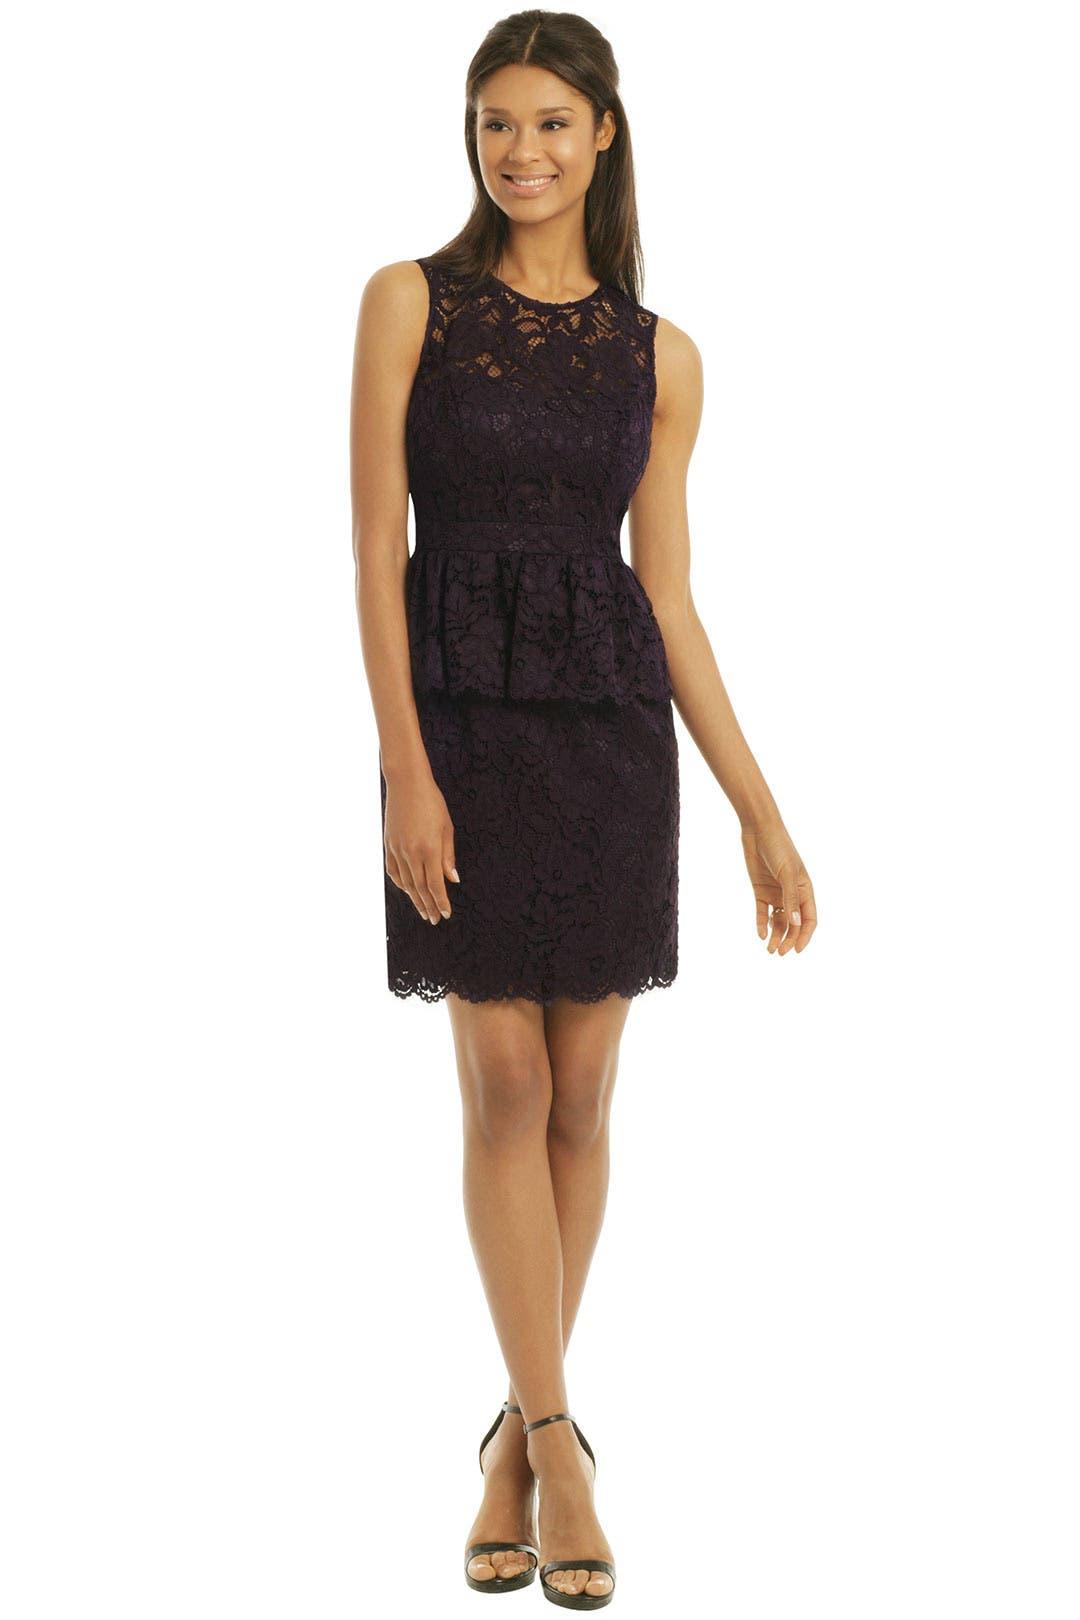 Celeste Peplum Dress by Shoshanna